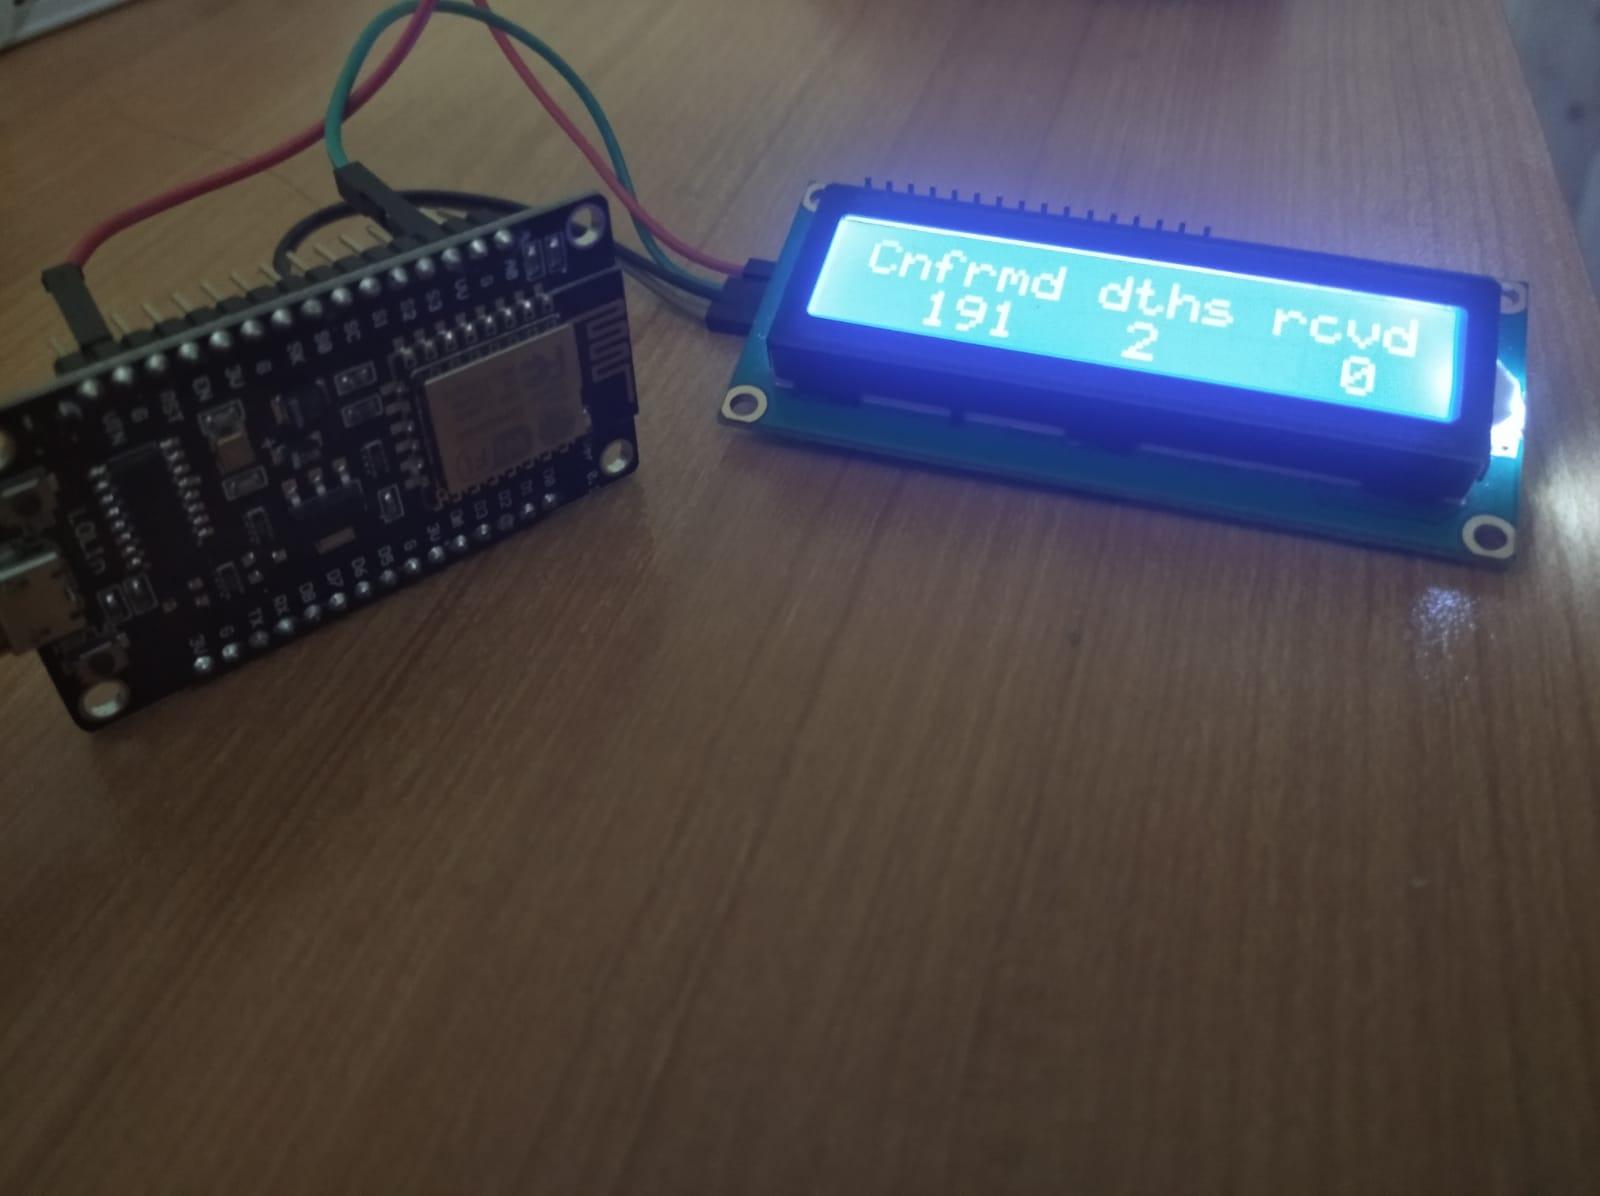 ESP8266 based Coronavirus tracking project